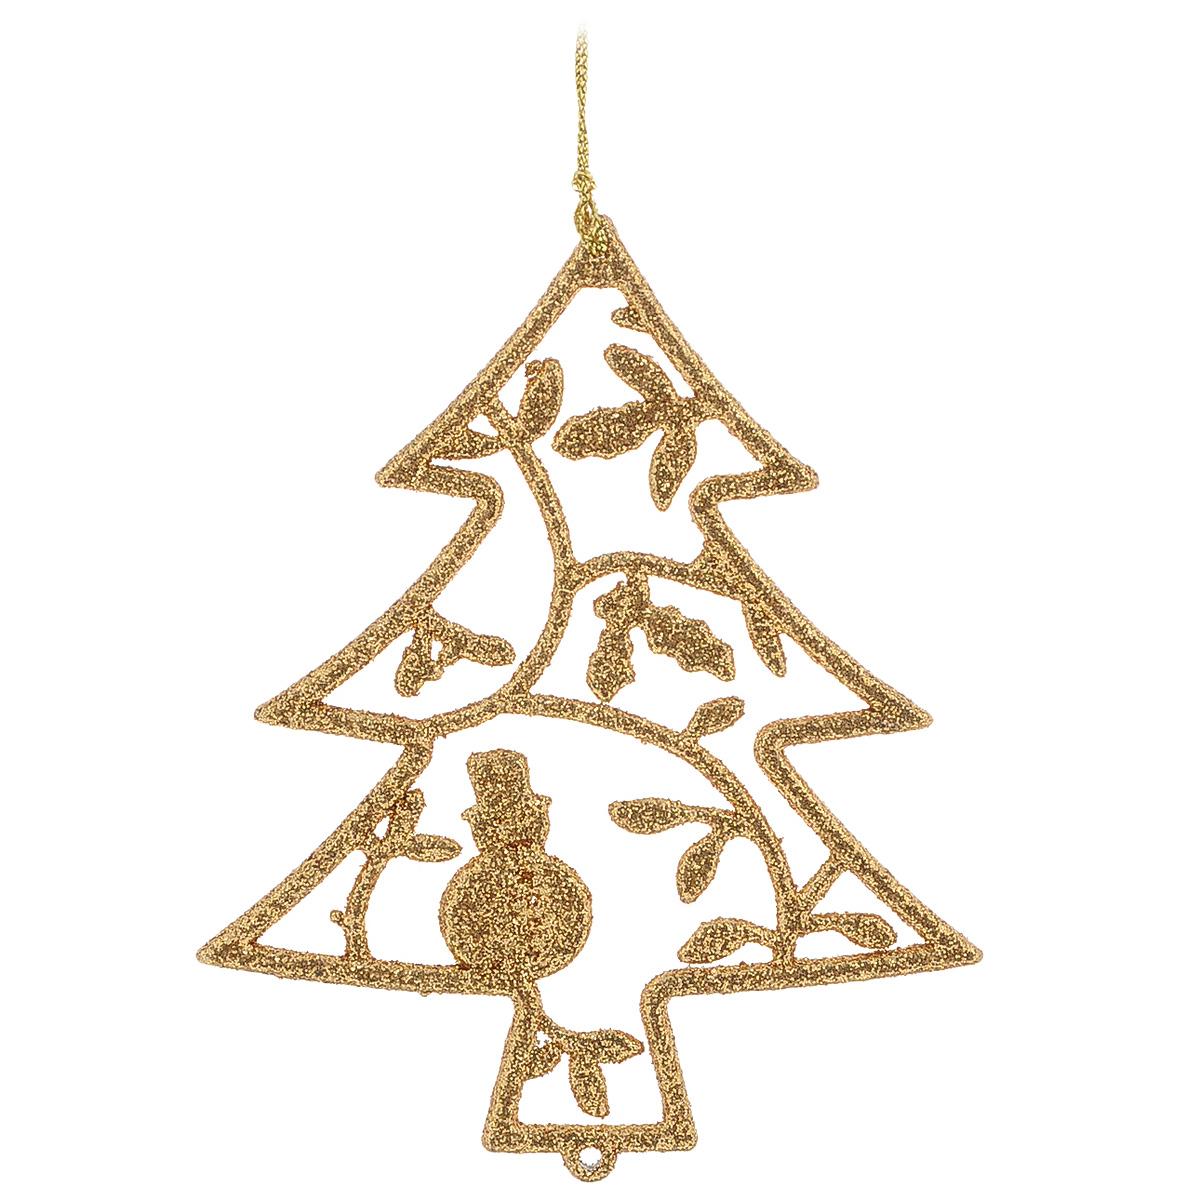 Новогоднее подвесное украшение Елка, цвет: золотистый, 10,5 см х 12 см30579Новогоднее украшение Елка отлично подойдет для декорации вашего дома и новогодней ели. Игрушка выполнена из пластика в виде узорной новогодней елочки. Украшение декорировано блестками и оснащено специальной текстильной петелькой для подвешивания. Елочная игрушка - символ Нового года. Она несет в себе волшебство и красоту праздника. Создайте в своем доме атмосферу веселья и радости, украшая всей семьей новогоднюю елку нарядными игрушками, которые будут из года в год накапливать теплоту воспоминаний.